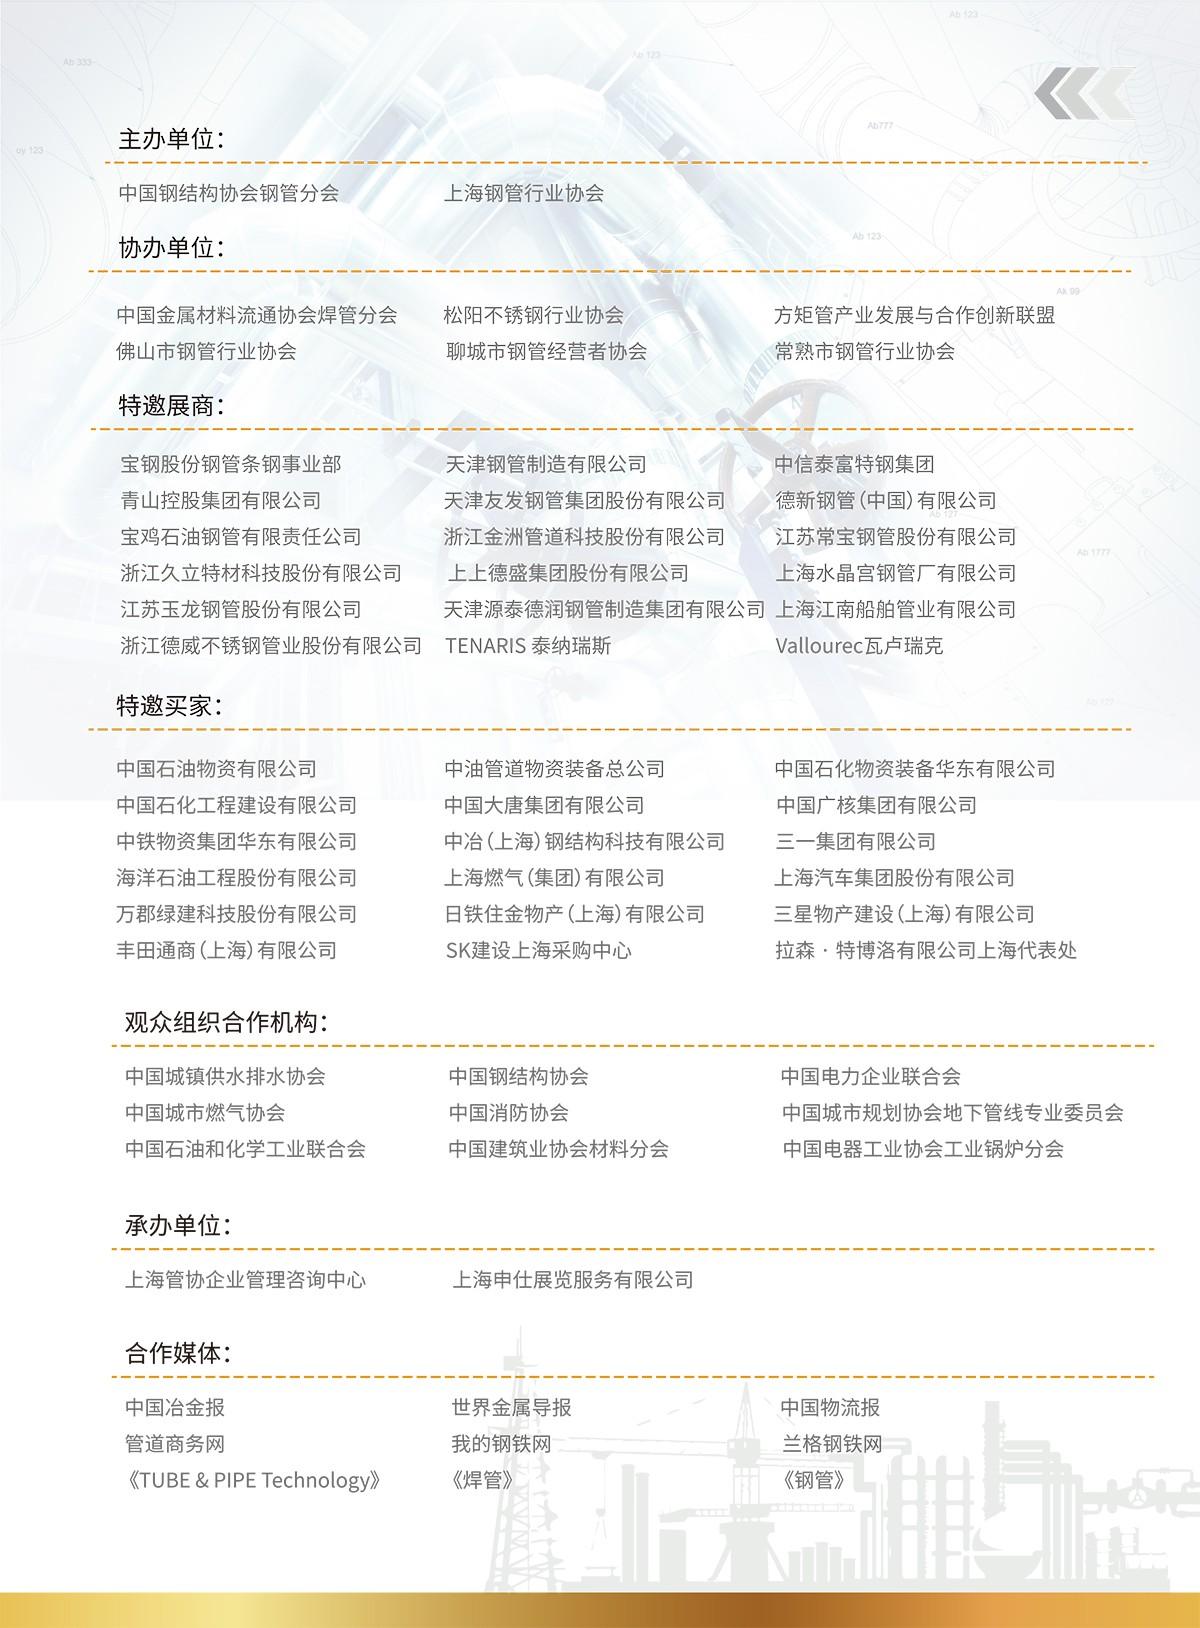 1_2021上海国际钢管工业展览会-2.jpg